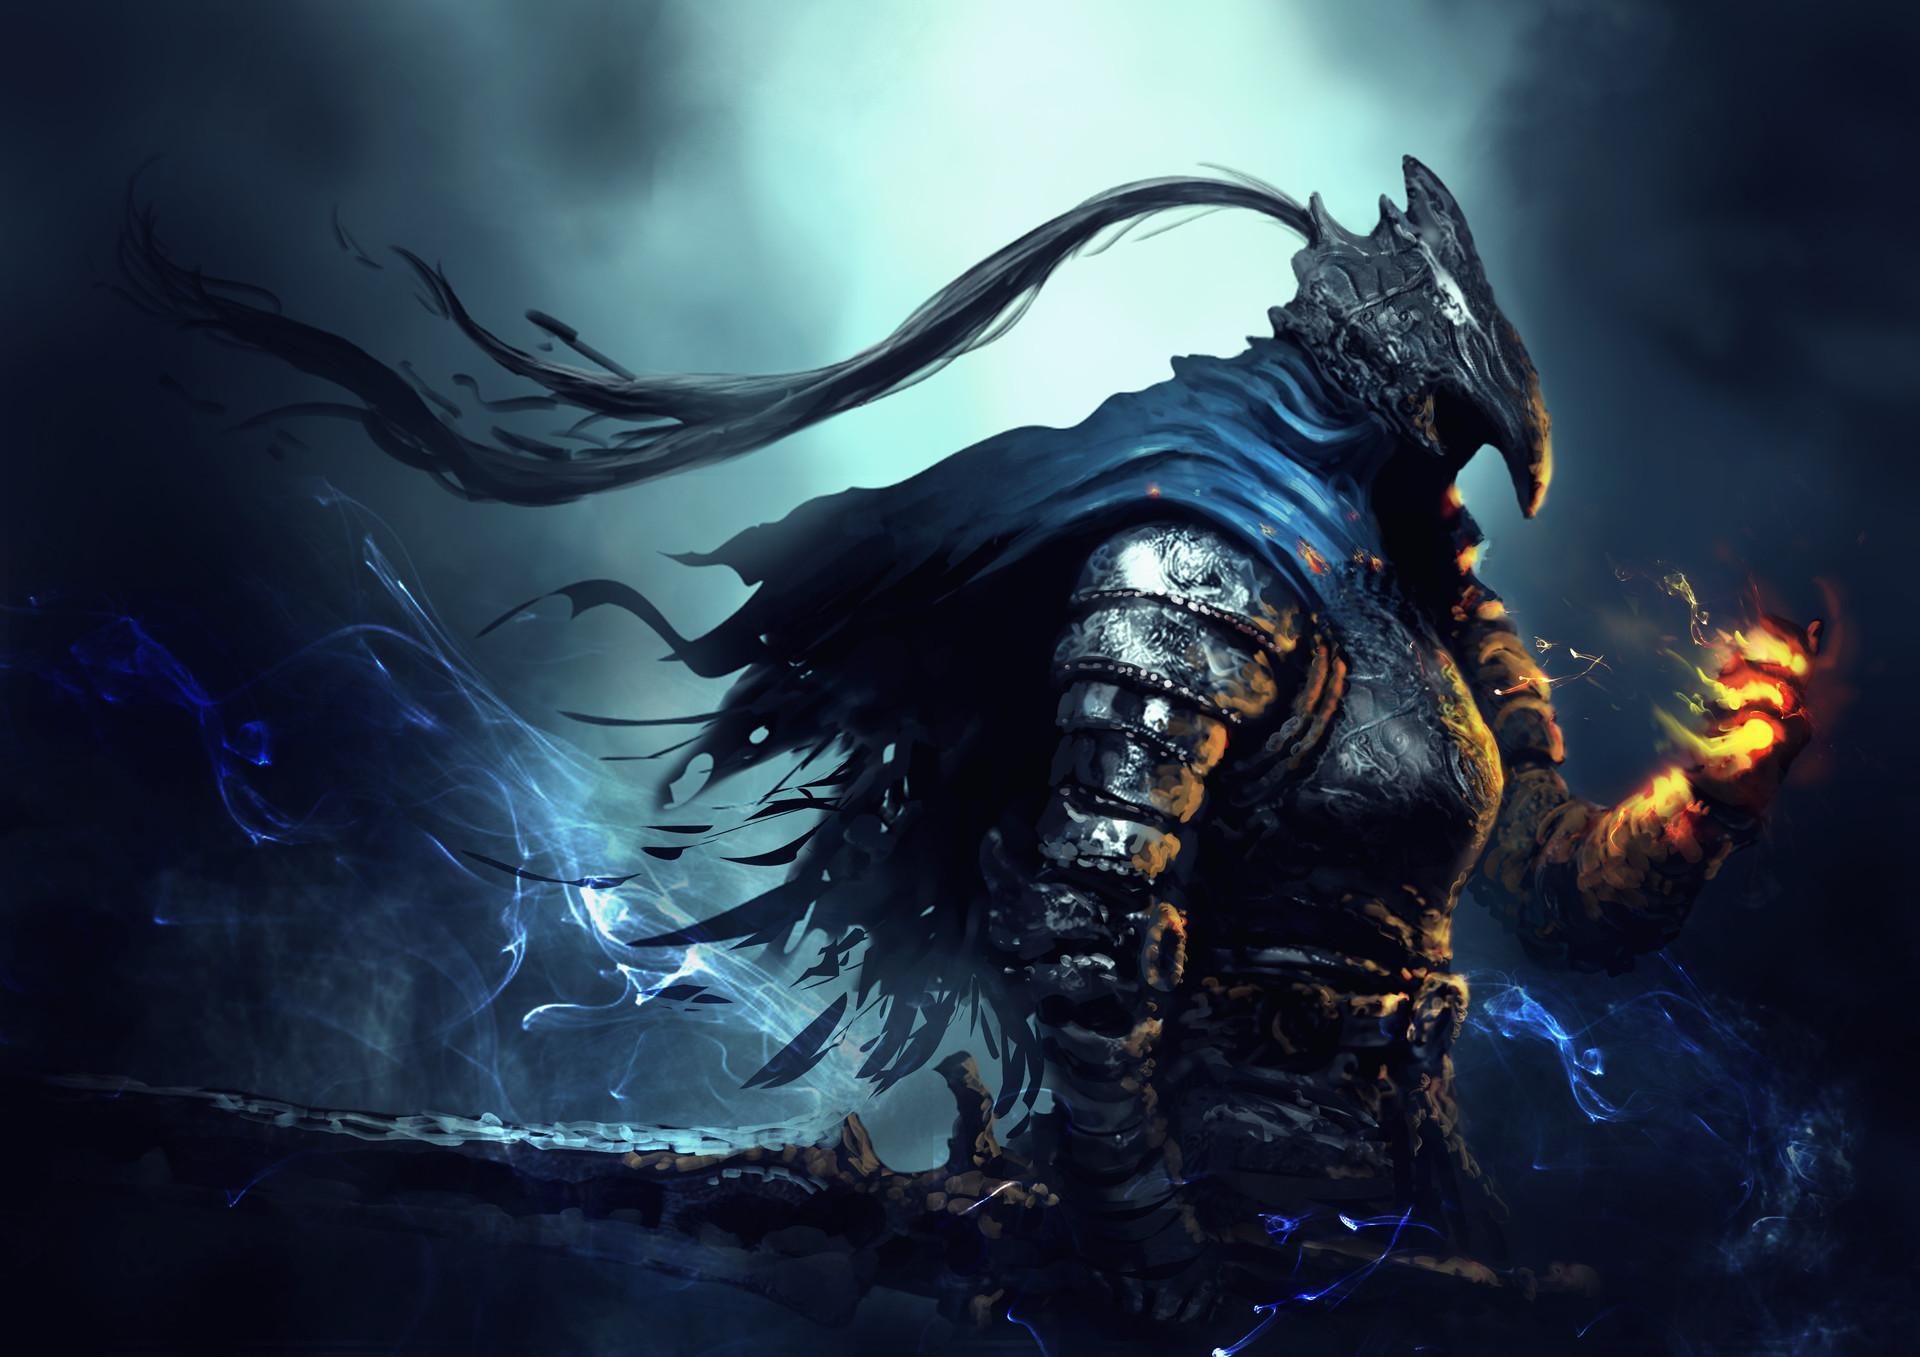 Wallpaper Artorias The Abysswalker Dark Souls Knight Fantasy